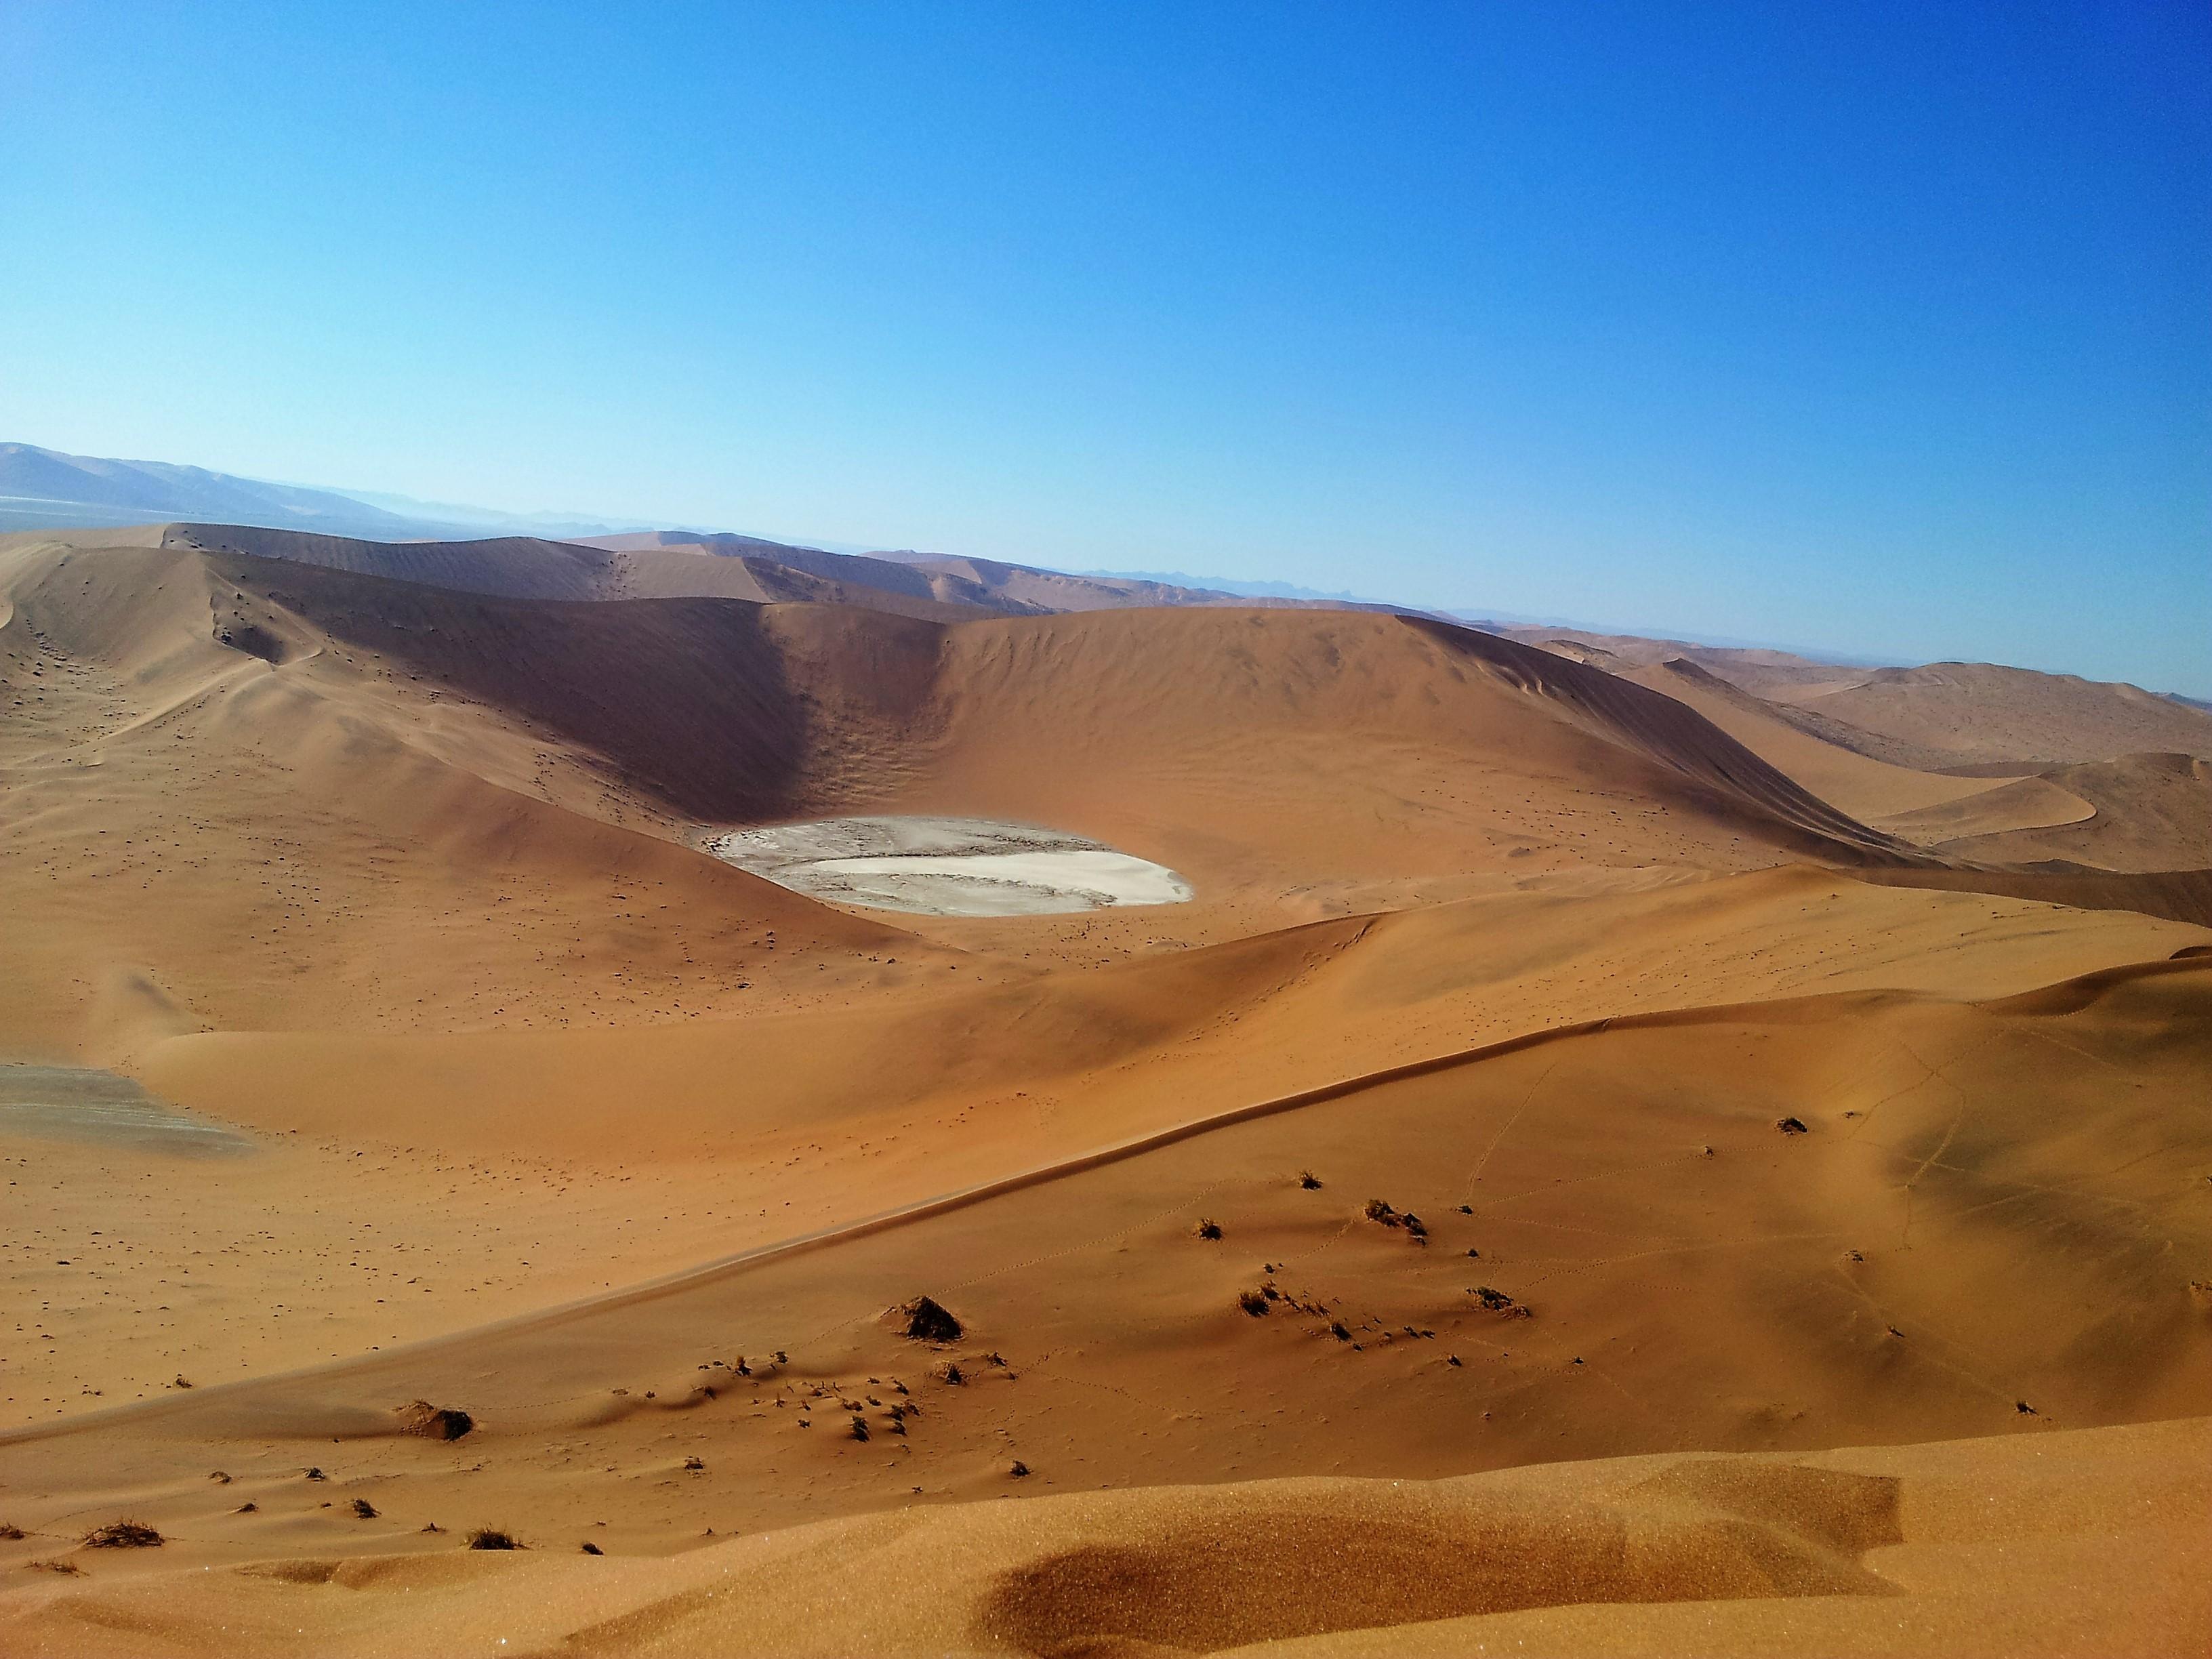 20160519 095230 Voyage de 2 semaines en Namibie en mai   Avant de partir